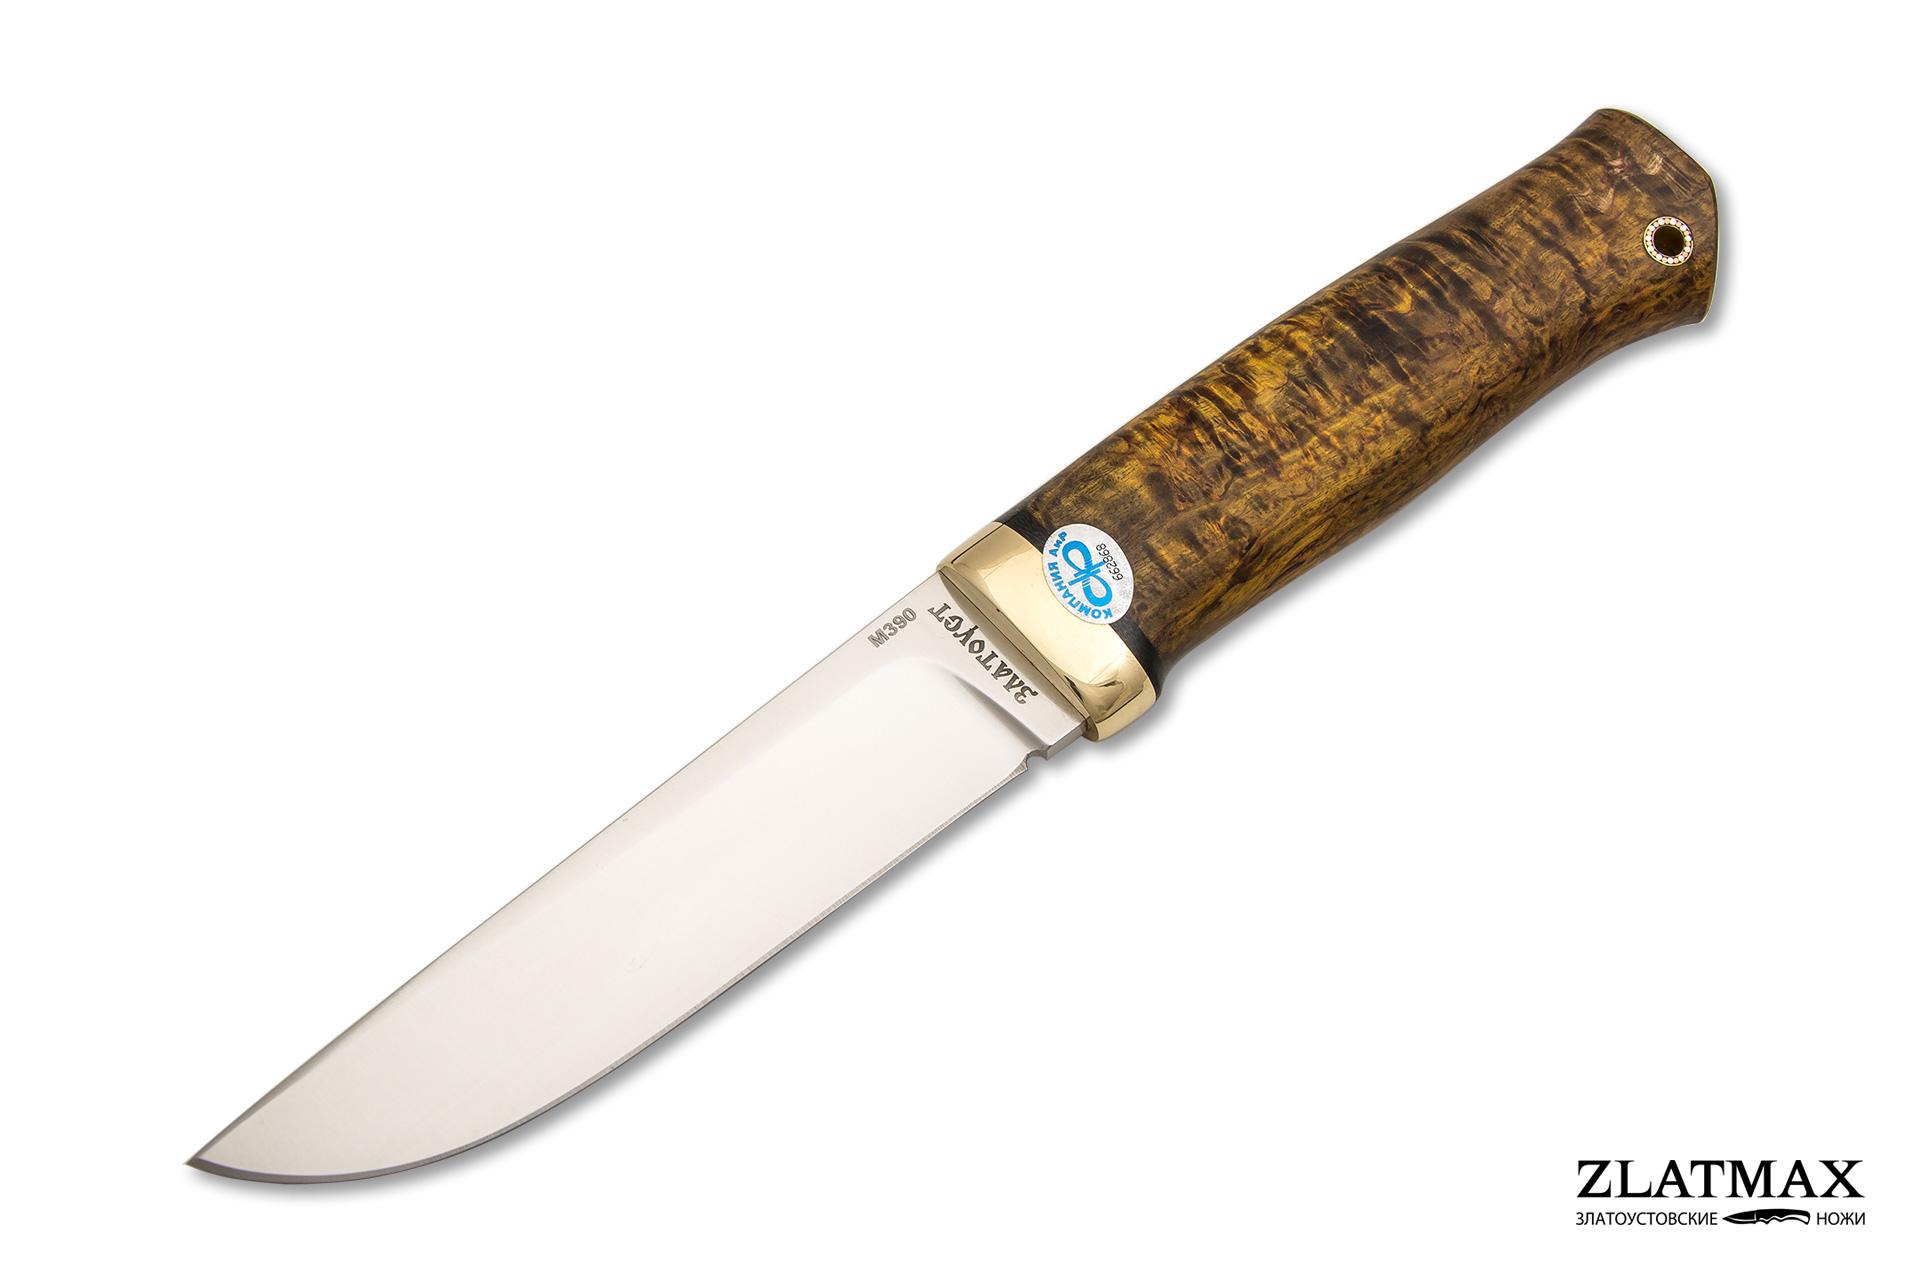 Нож Следопыт (М390, Стабилизированная древесина Жёлтая, Латунь) фото 01